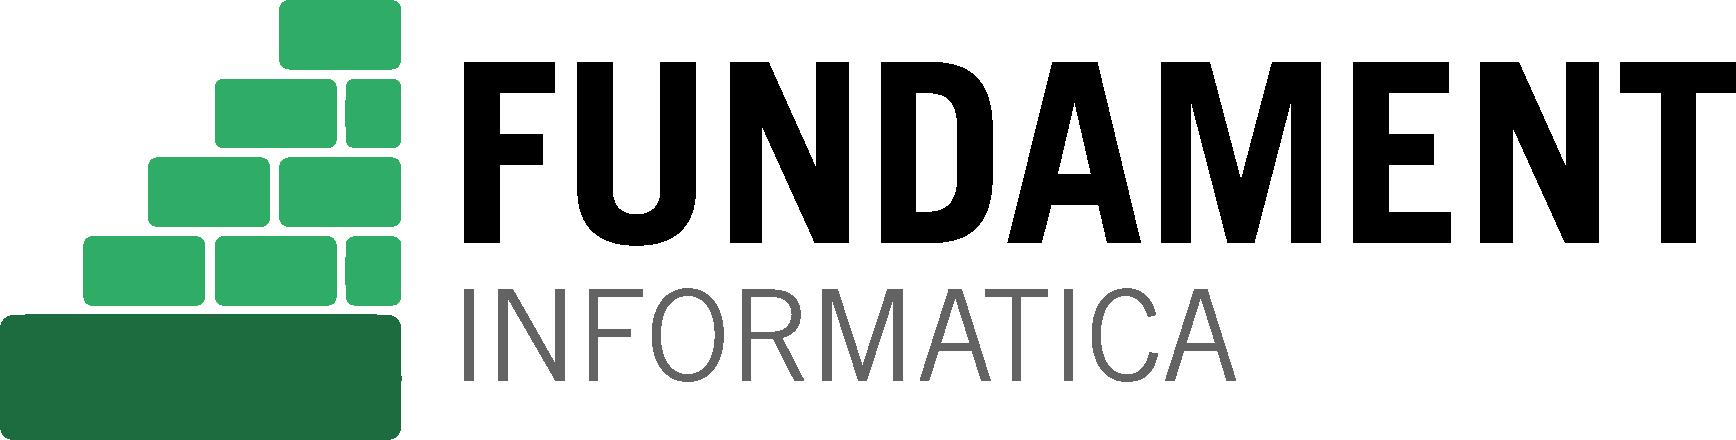 Fundament Informatica kosteloos licenties aanvragen